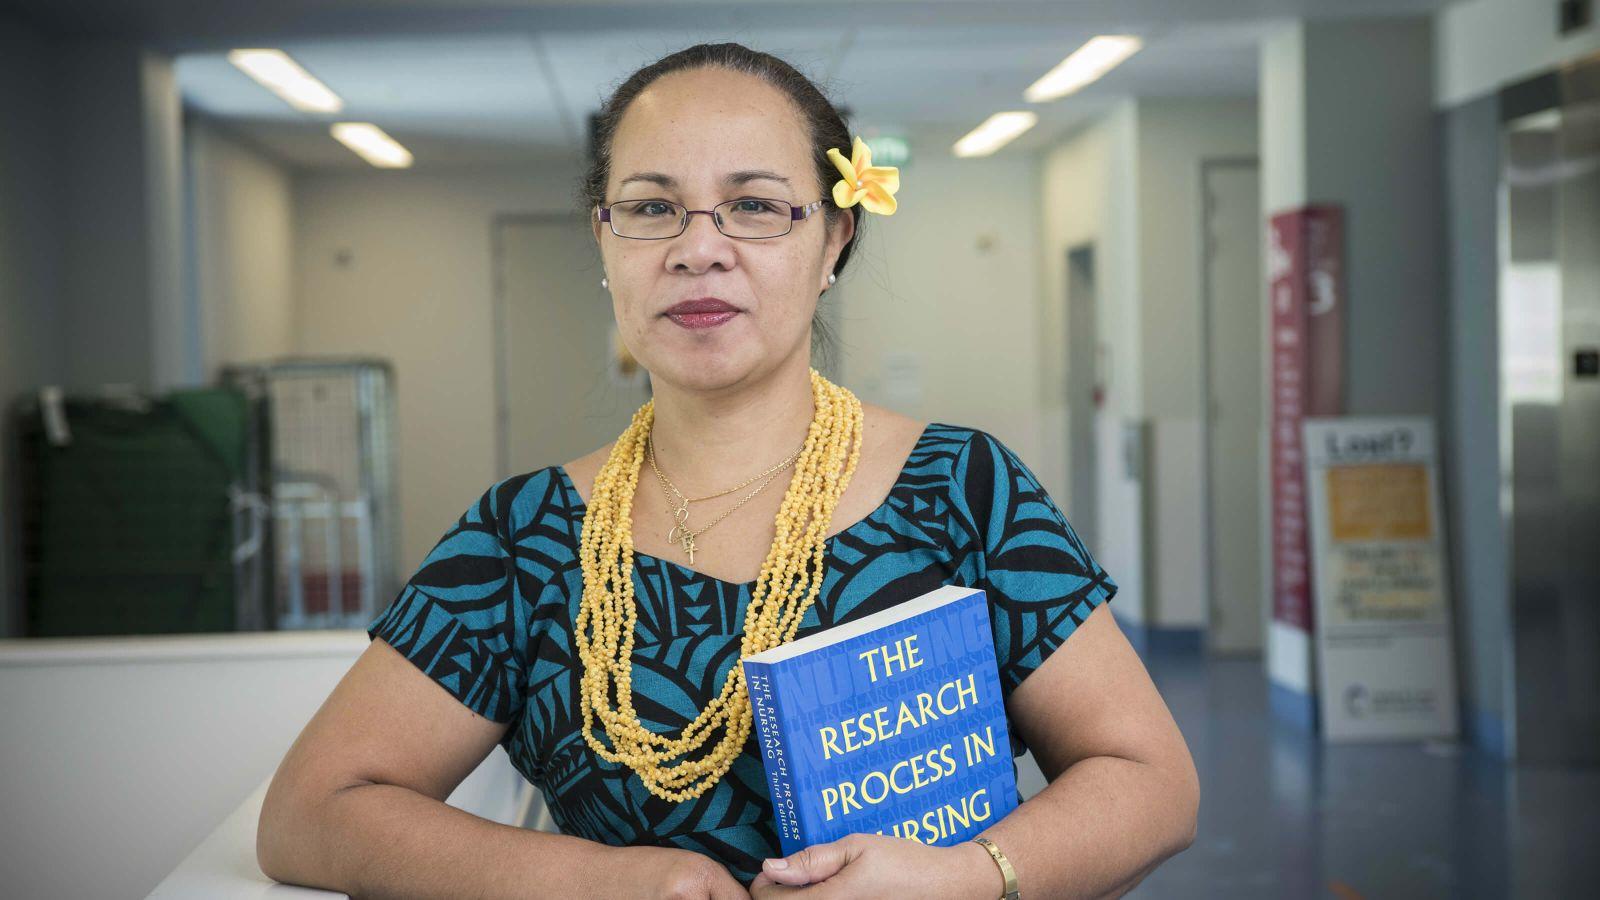 Nursing PhD candidate Ellaine Ete-Rasch